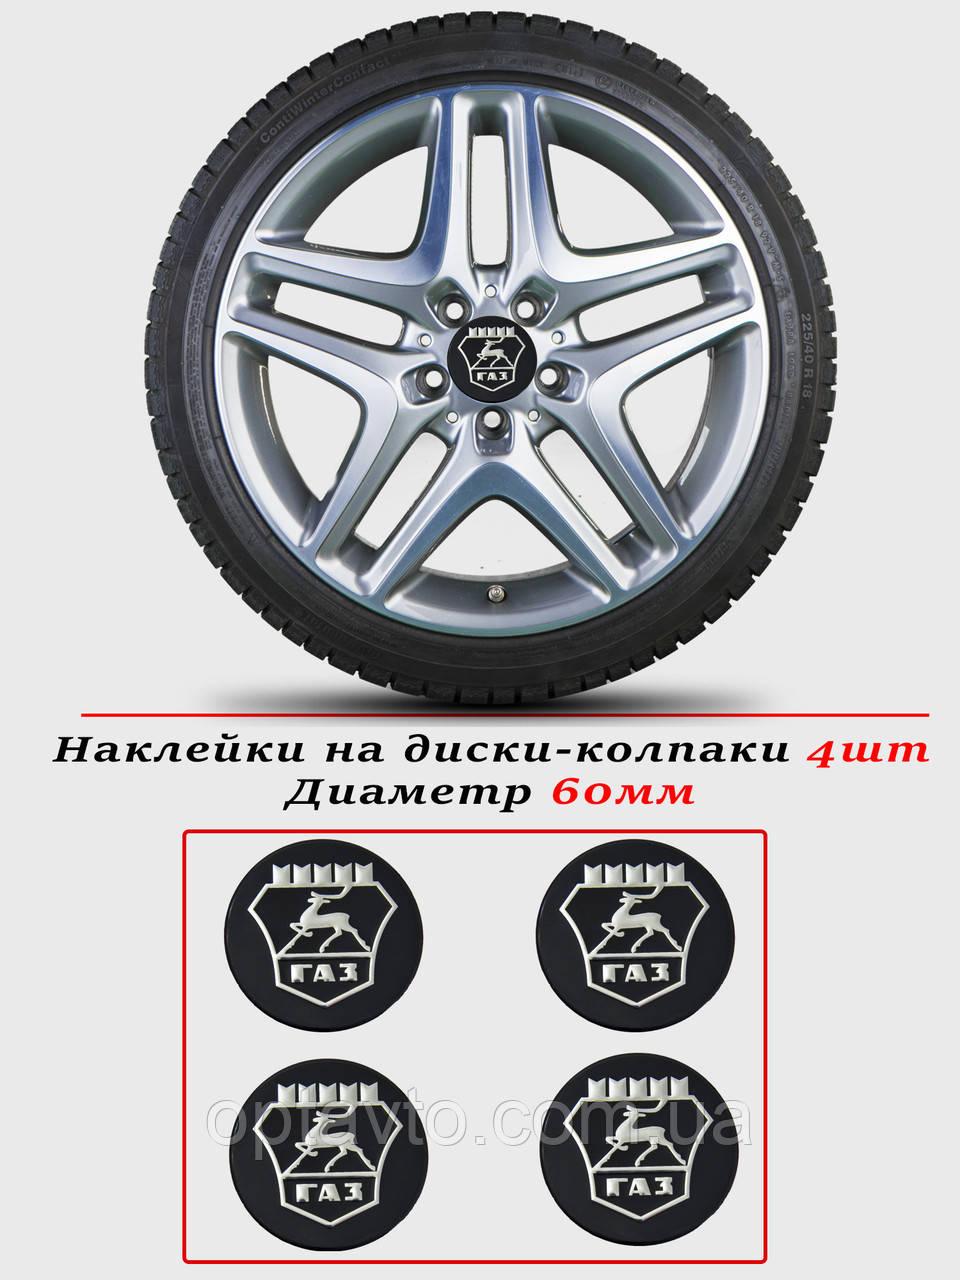 Наклейки на автомобильные колпаки и диски / комплект / диаметр 60 мм / ГАЗ